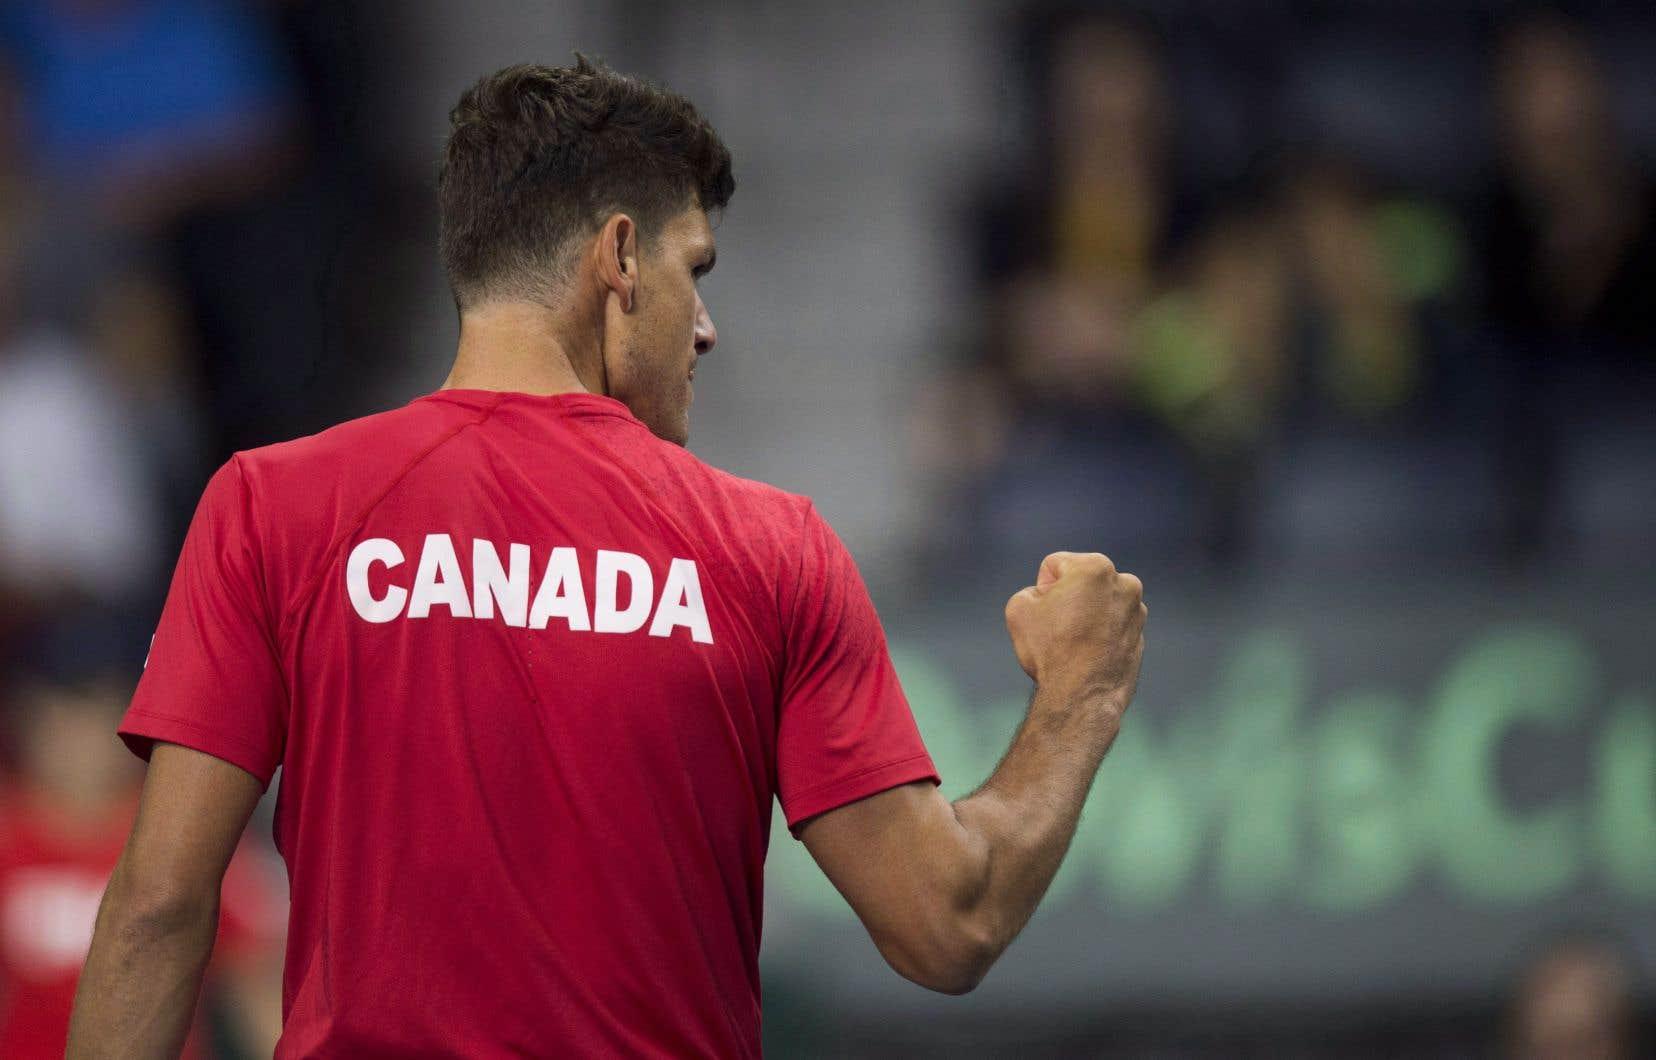 Le capitaine de l'équipe canadienne, Frank Dancevic